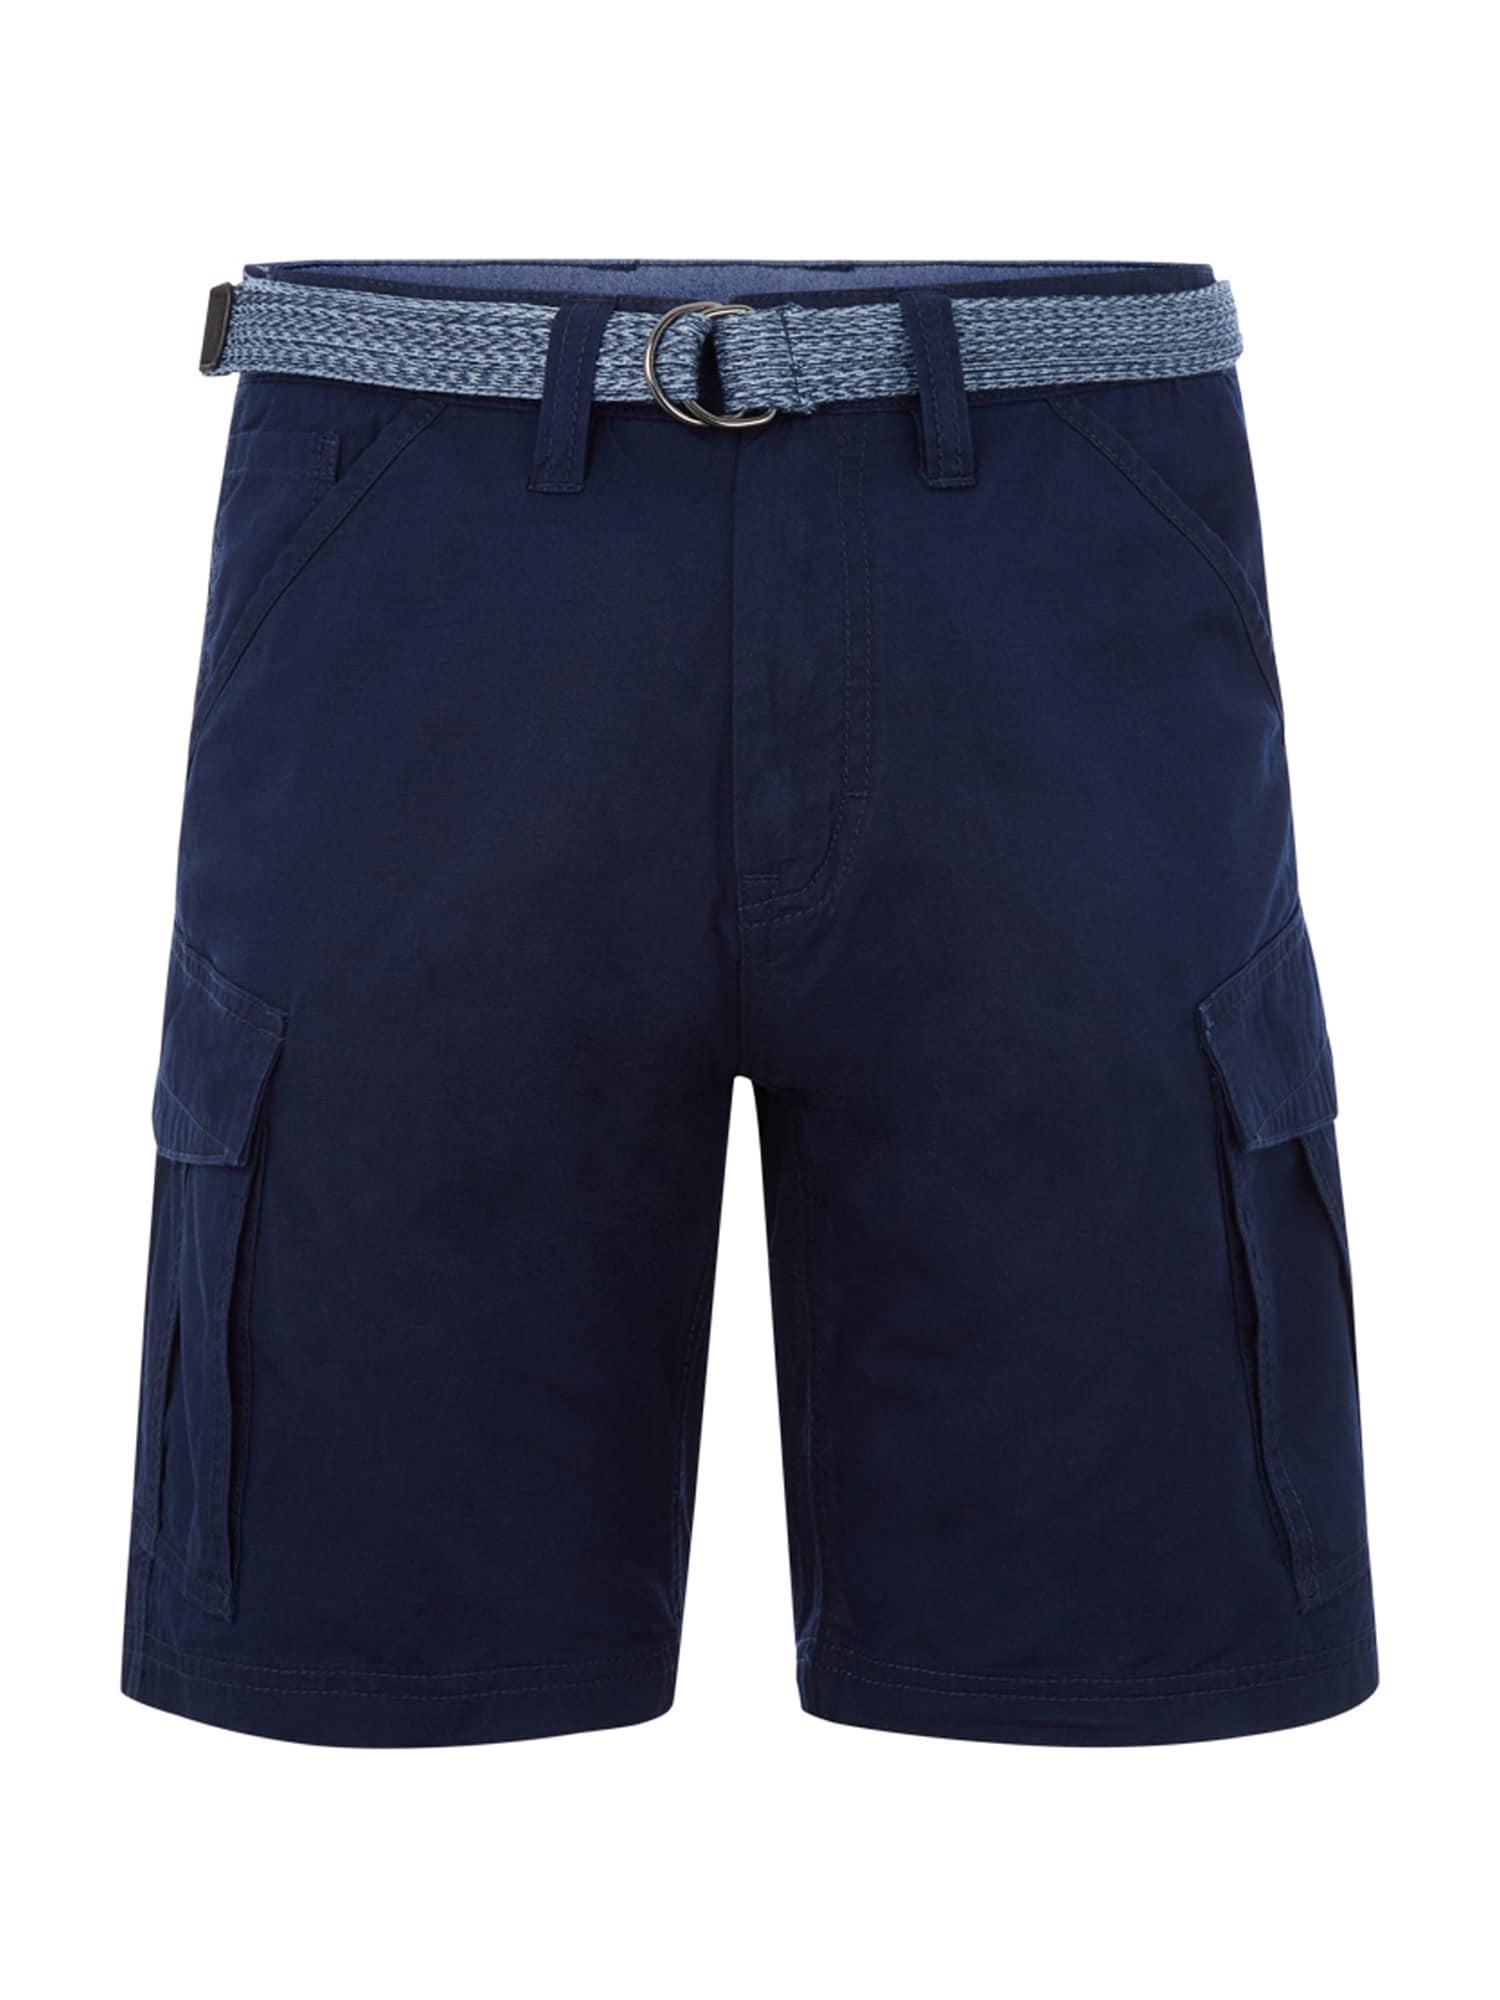 O'NEILL Laisvo stiliaus kelnės tamsiai mėlyna